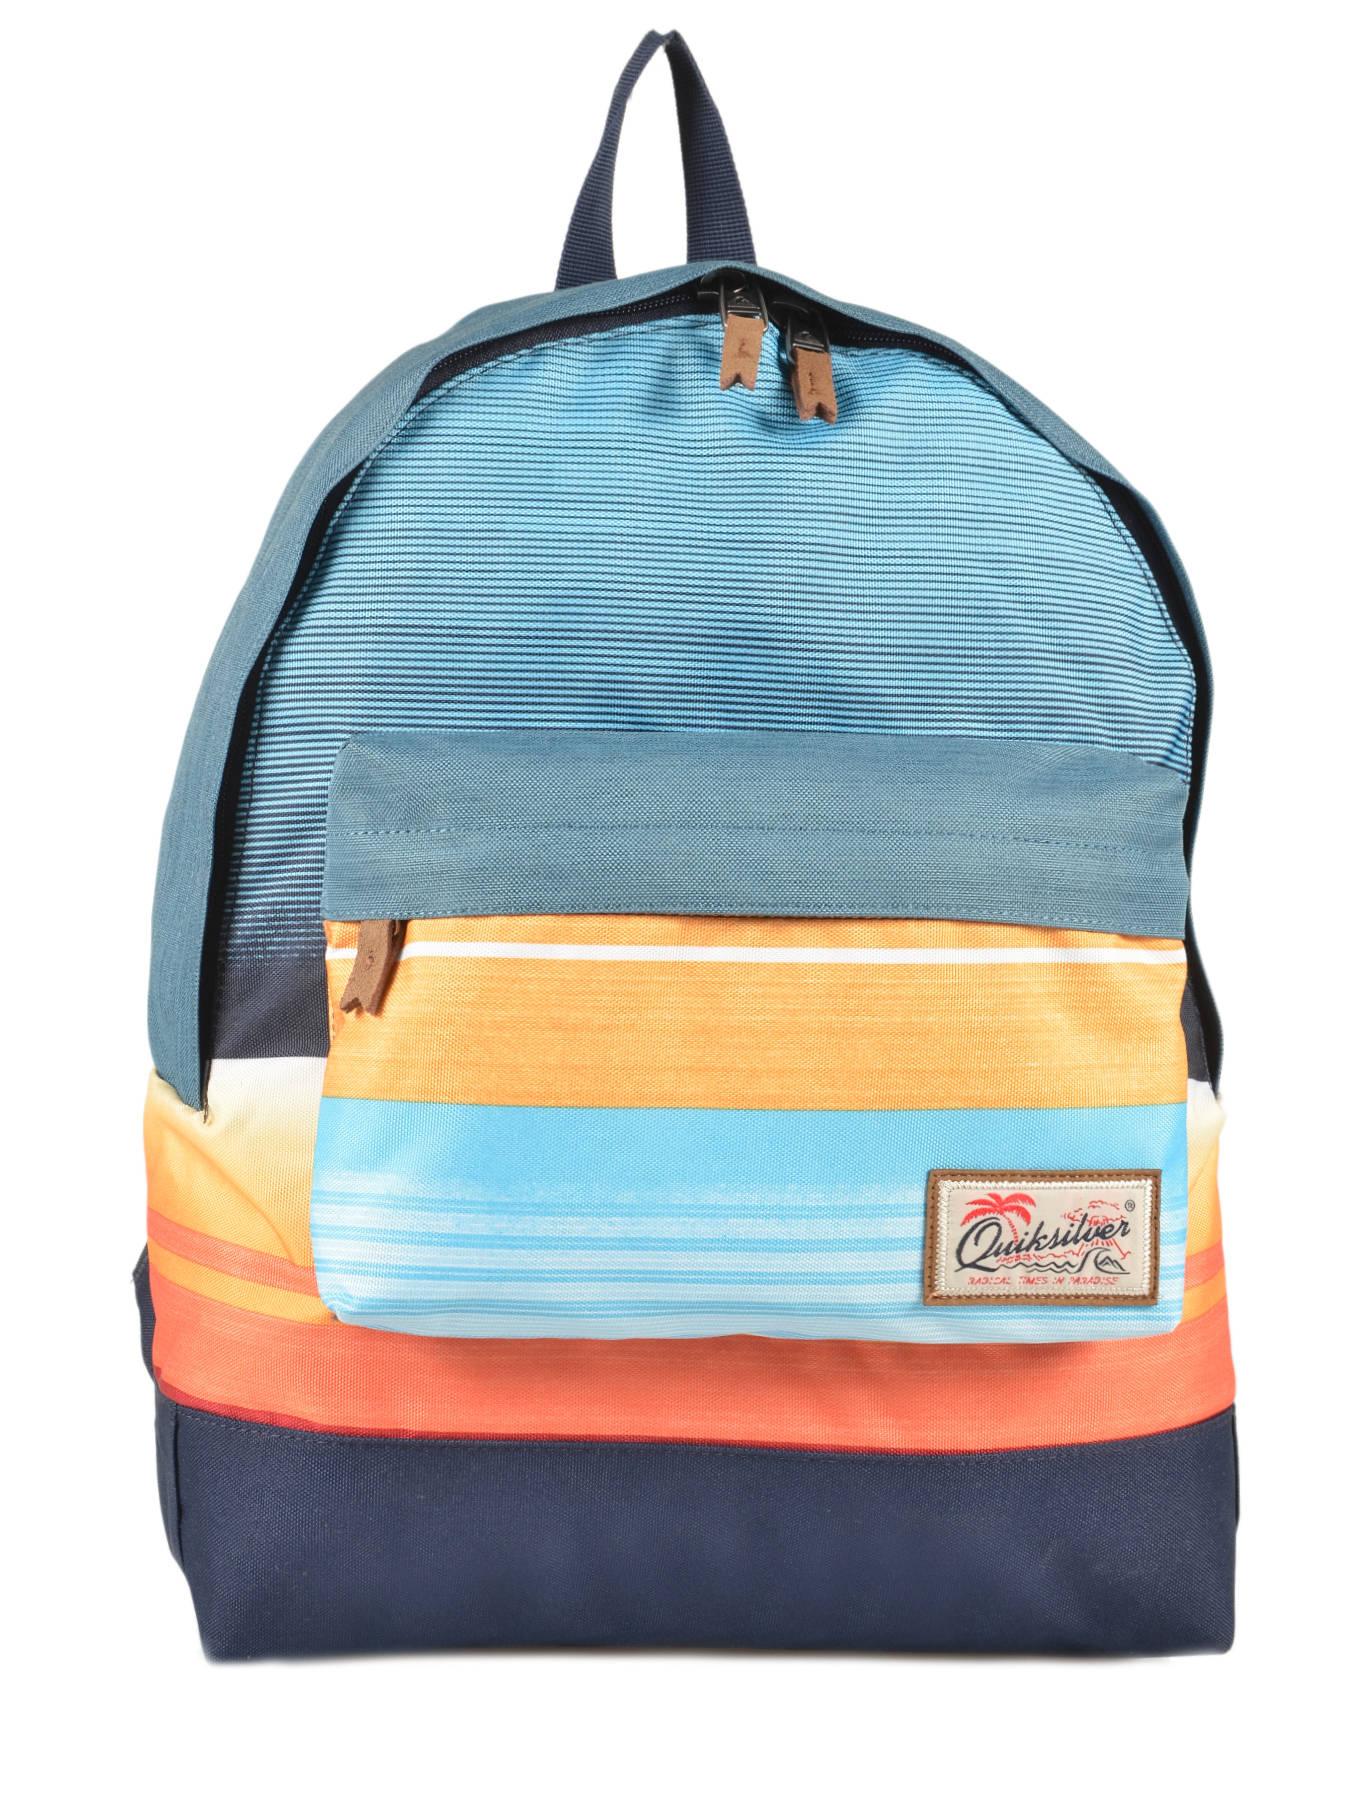 sac dos quiksilver backpacks backpacks en vente au meilleur prix. Black Bedroom Furniture Sets. Home Design Ideas